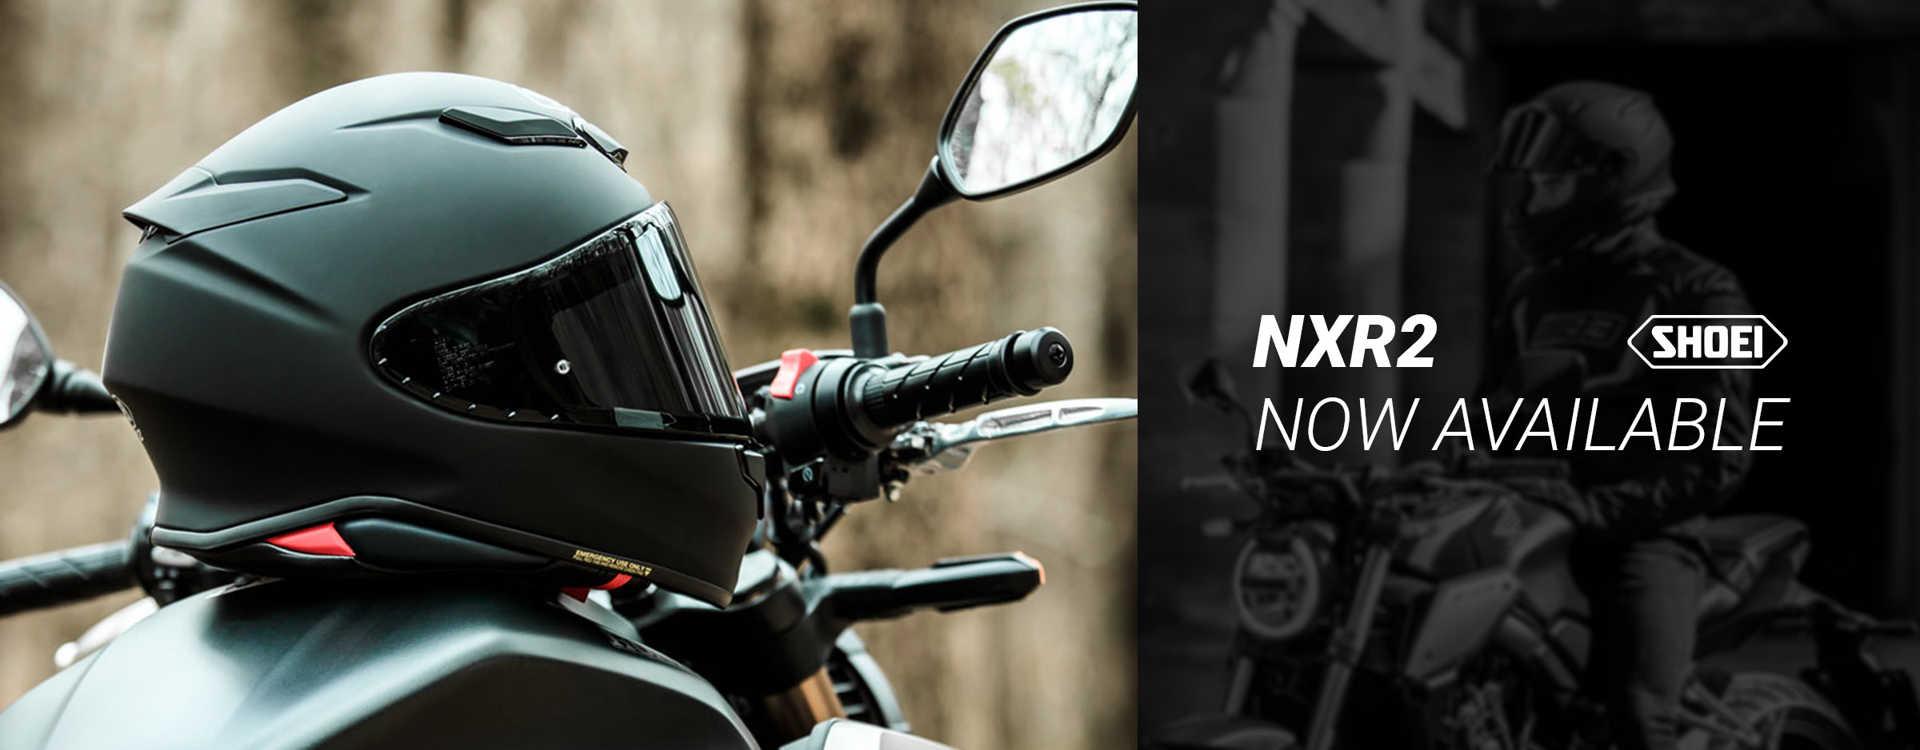 Shoei NXR2 Sport Helmet - Τώρα διαθέσιμο GAS